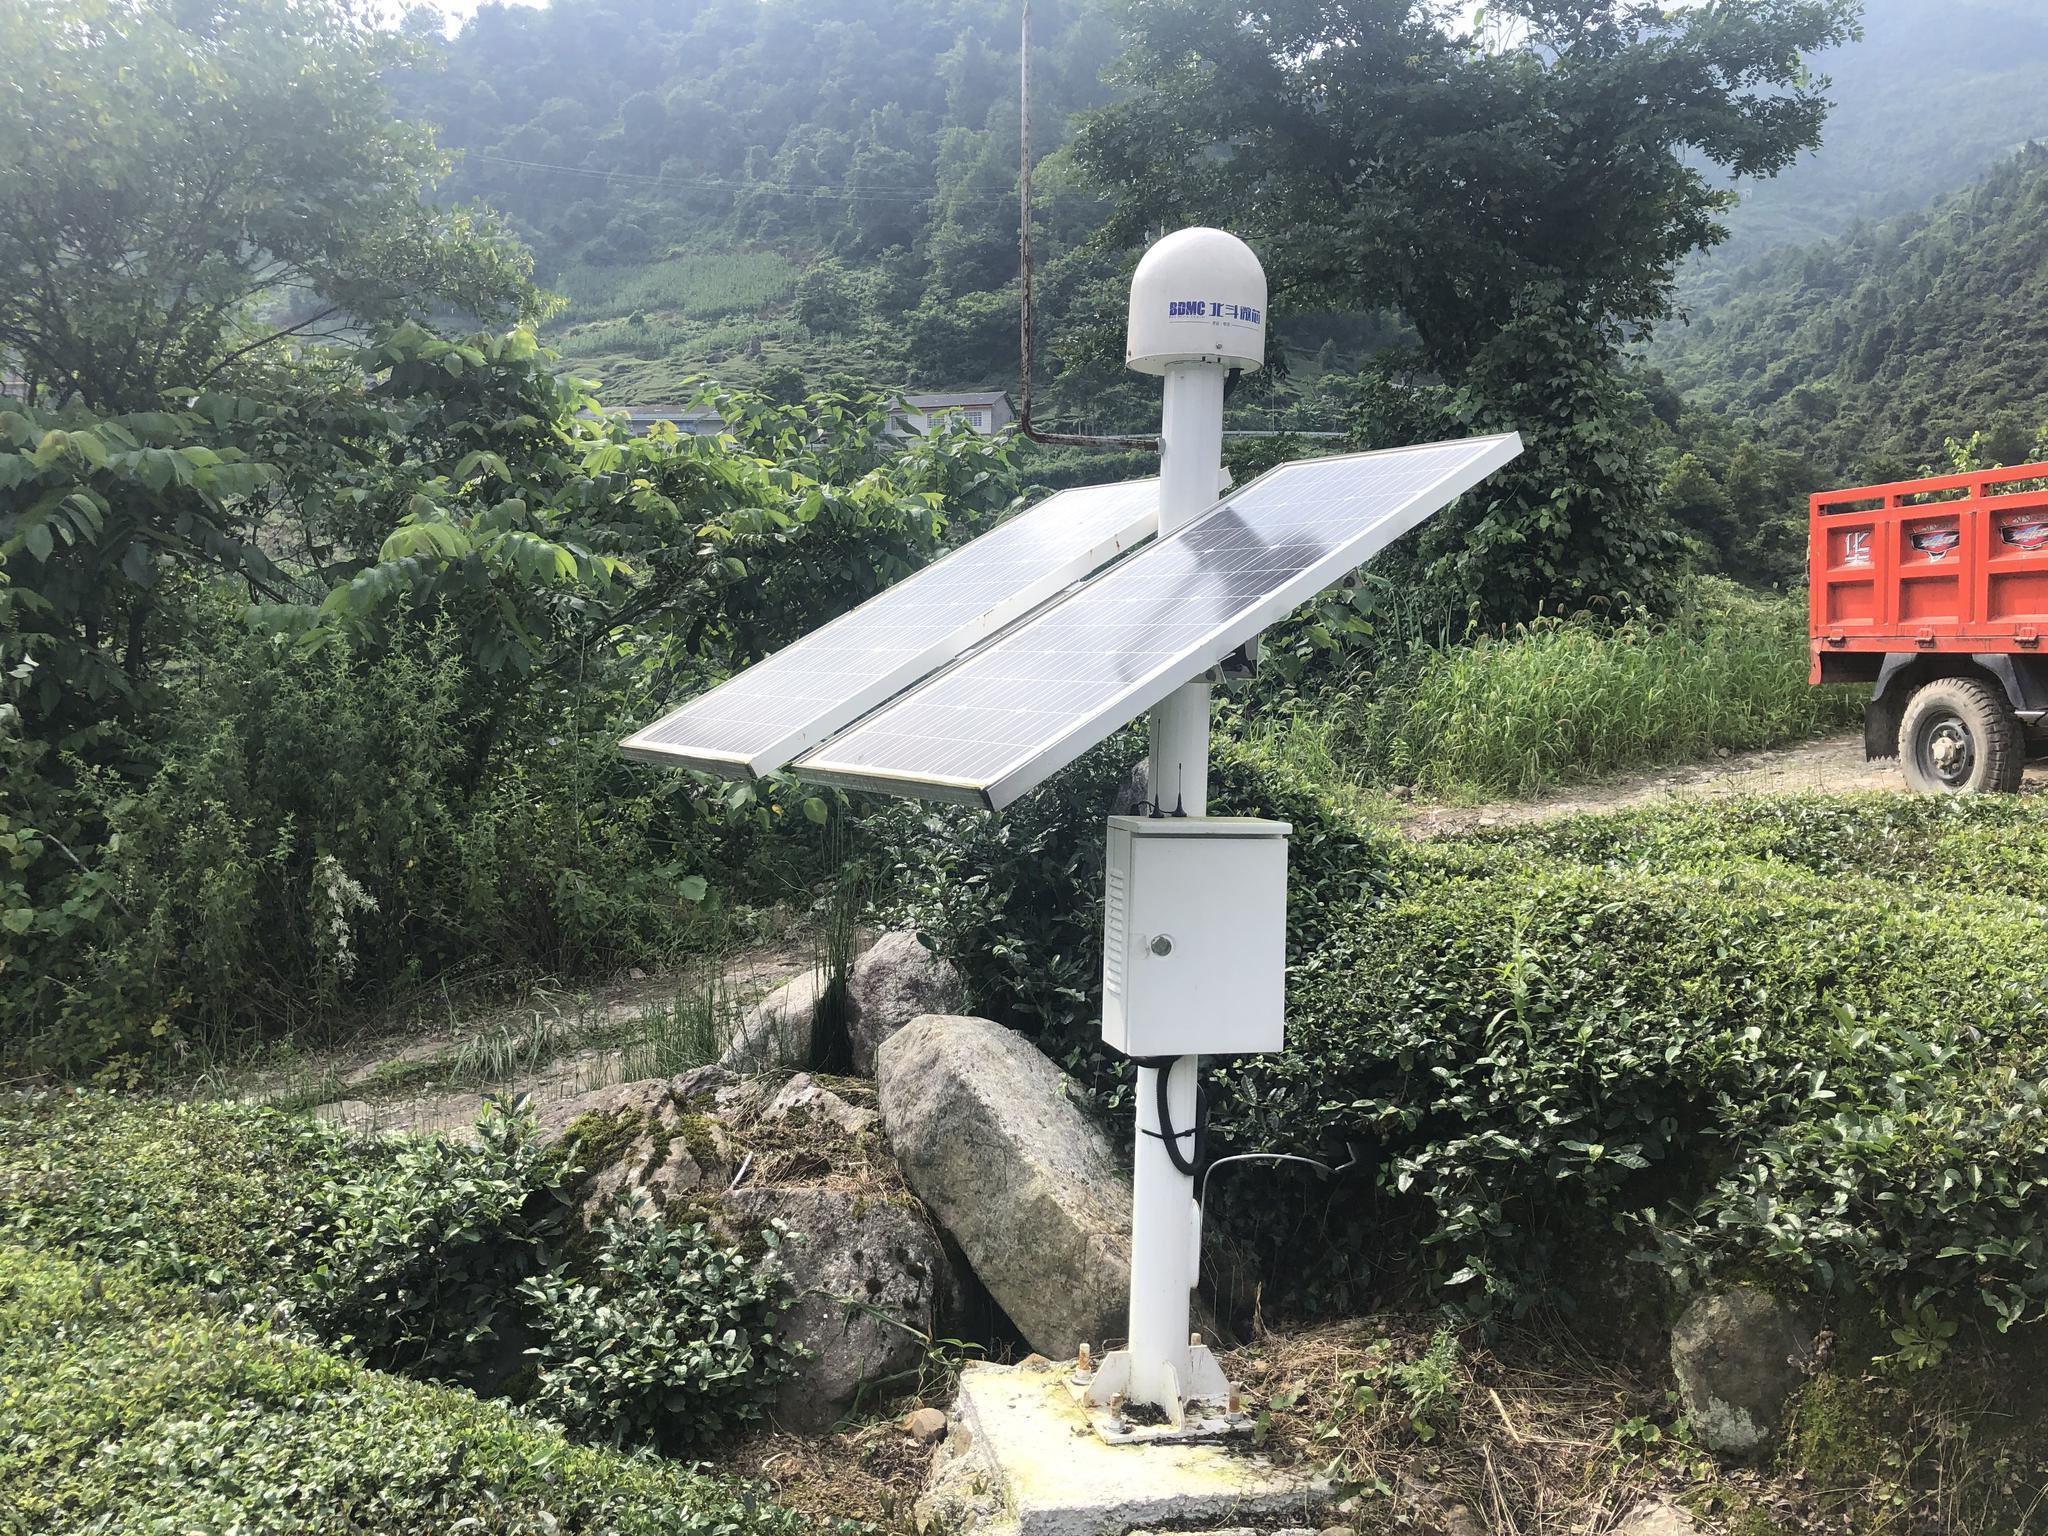 雷家山发生滑坡 北斗监测系统3次预警 村民提前撤离